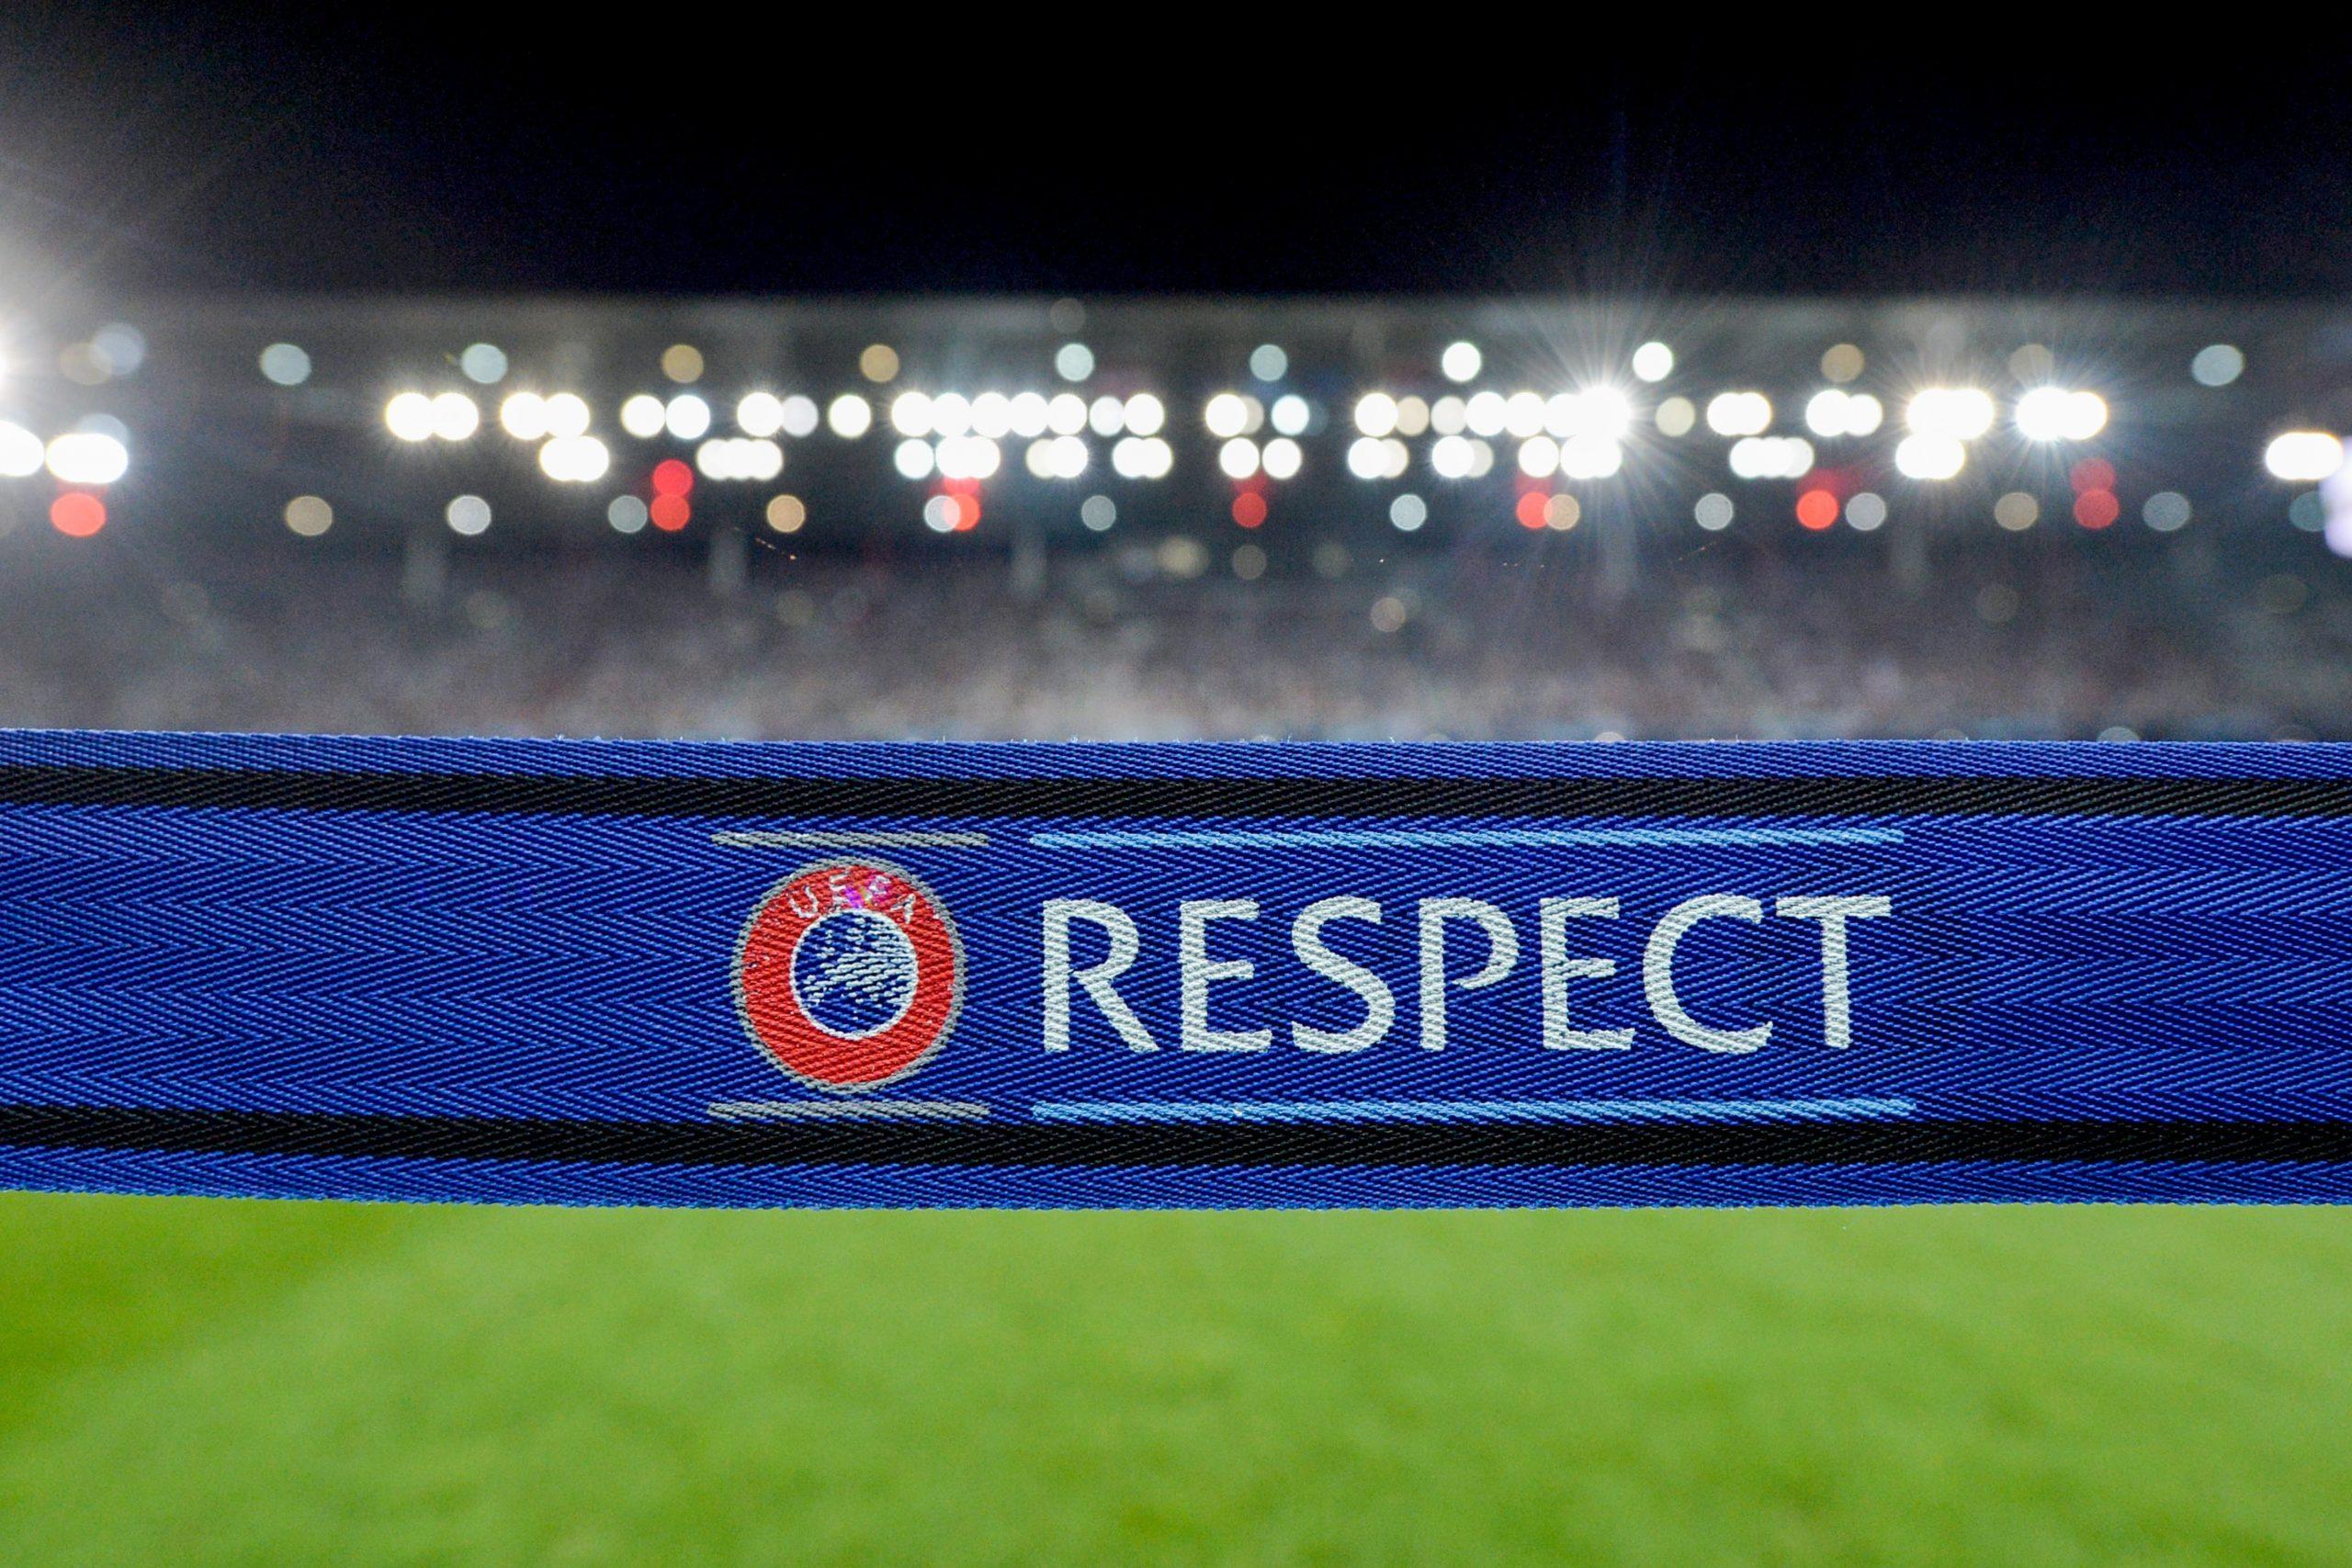 Officiel - L'UEFA annonce les reports des matchs et tirages en Ligue des Champions et Europa League